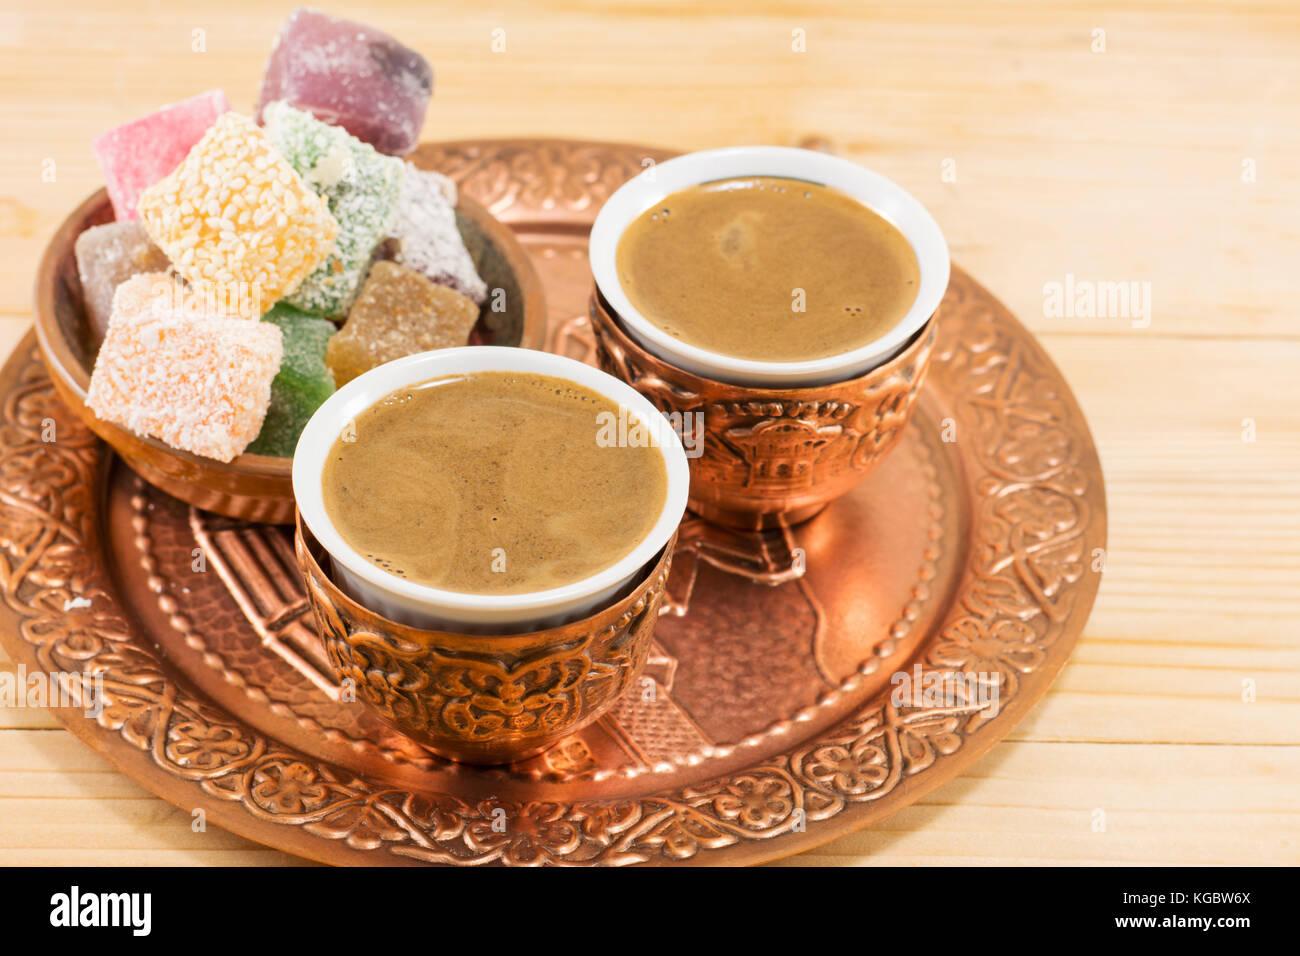 Kaffee Und Turkish Delight In Einem Kupfer Kuchengerate Stockfoto